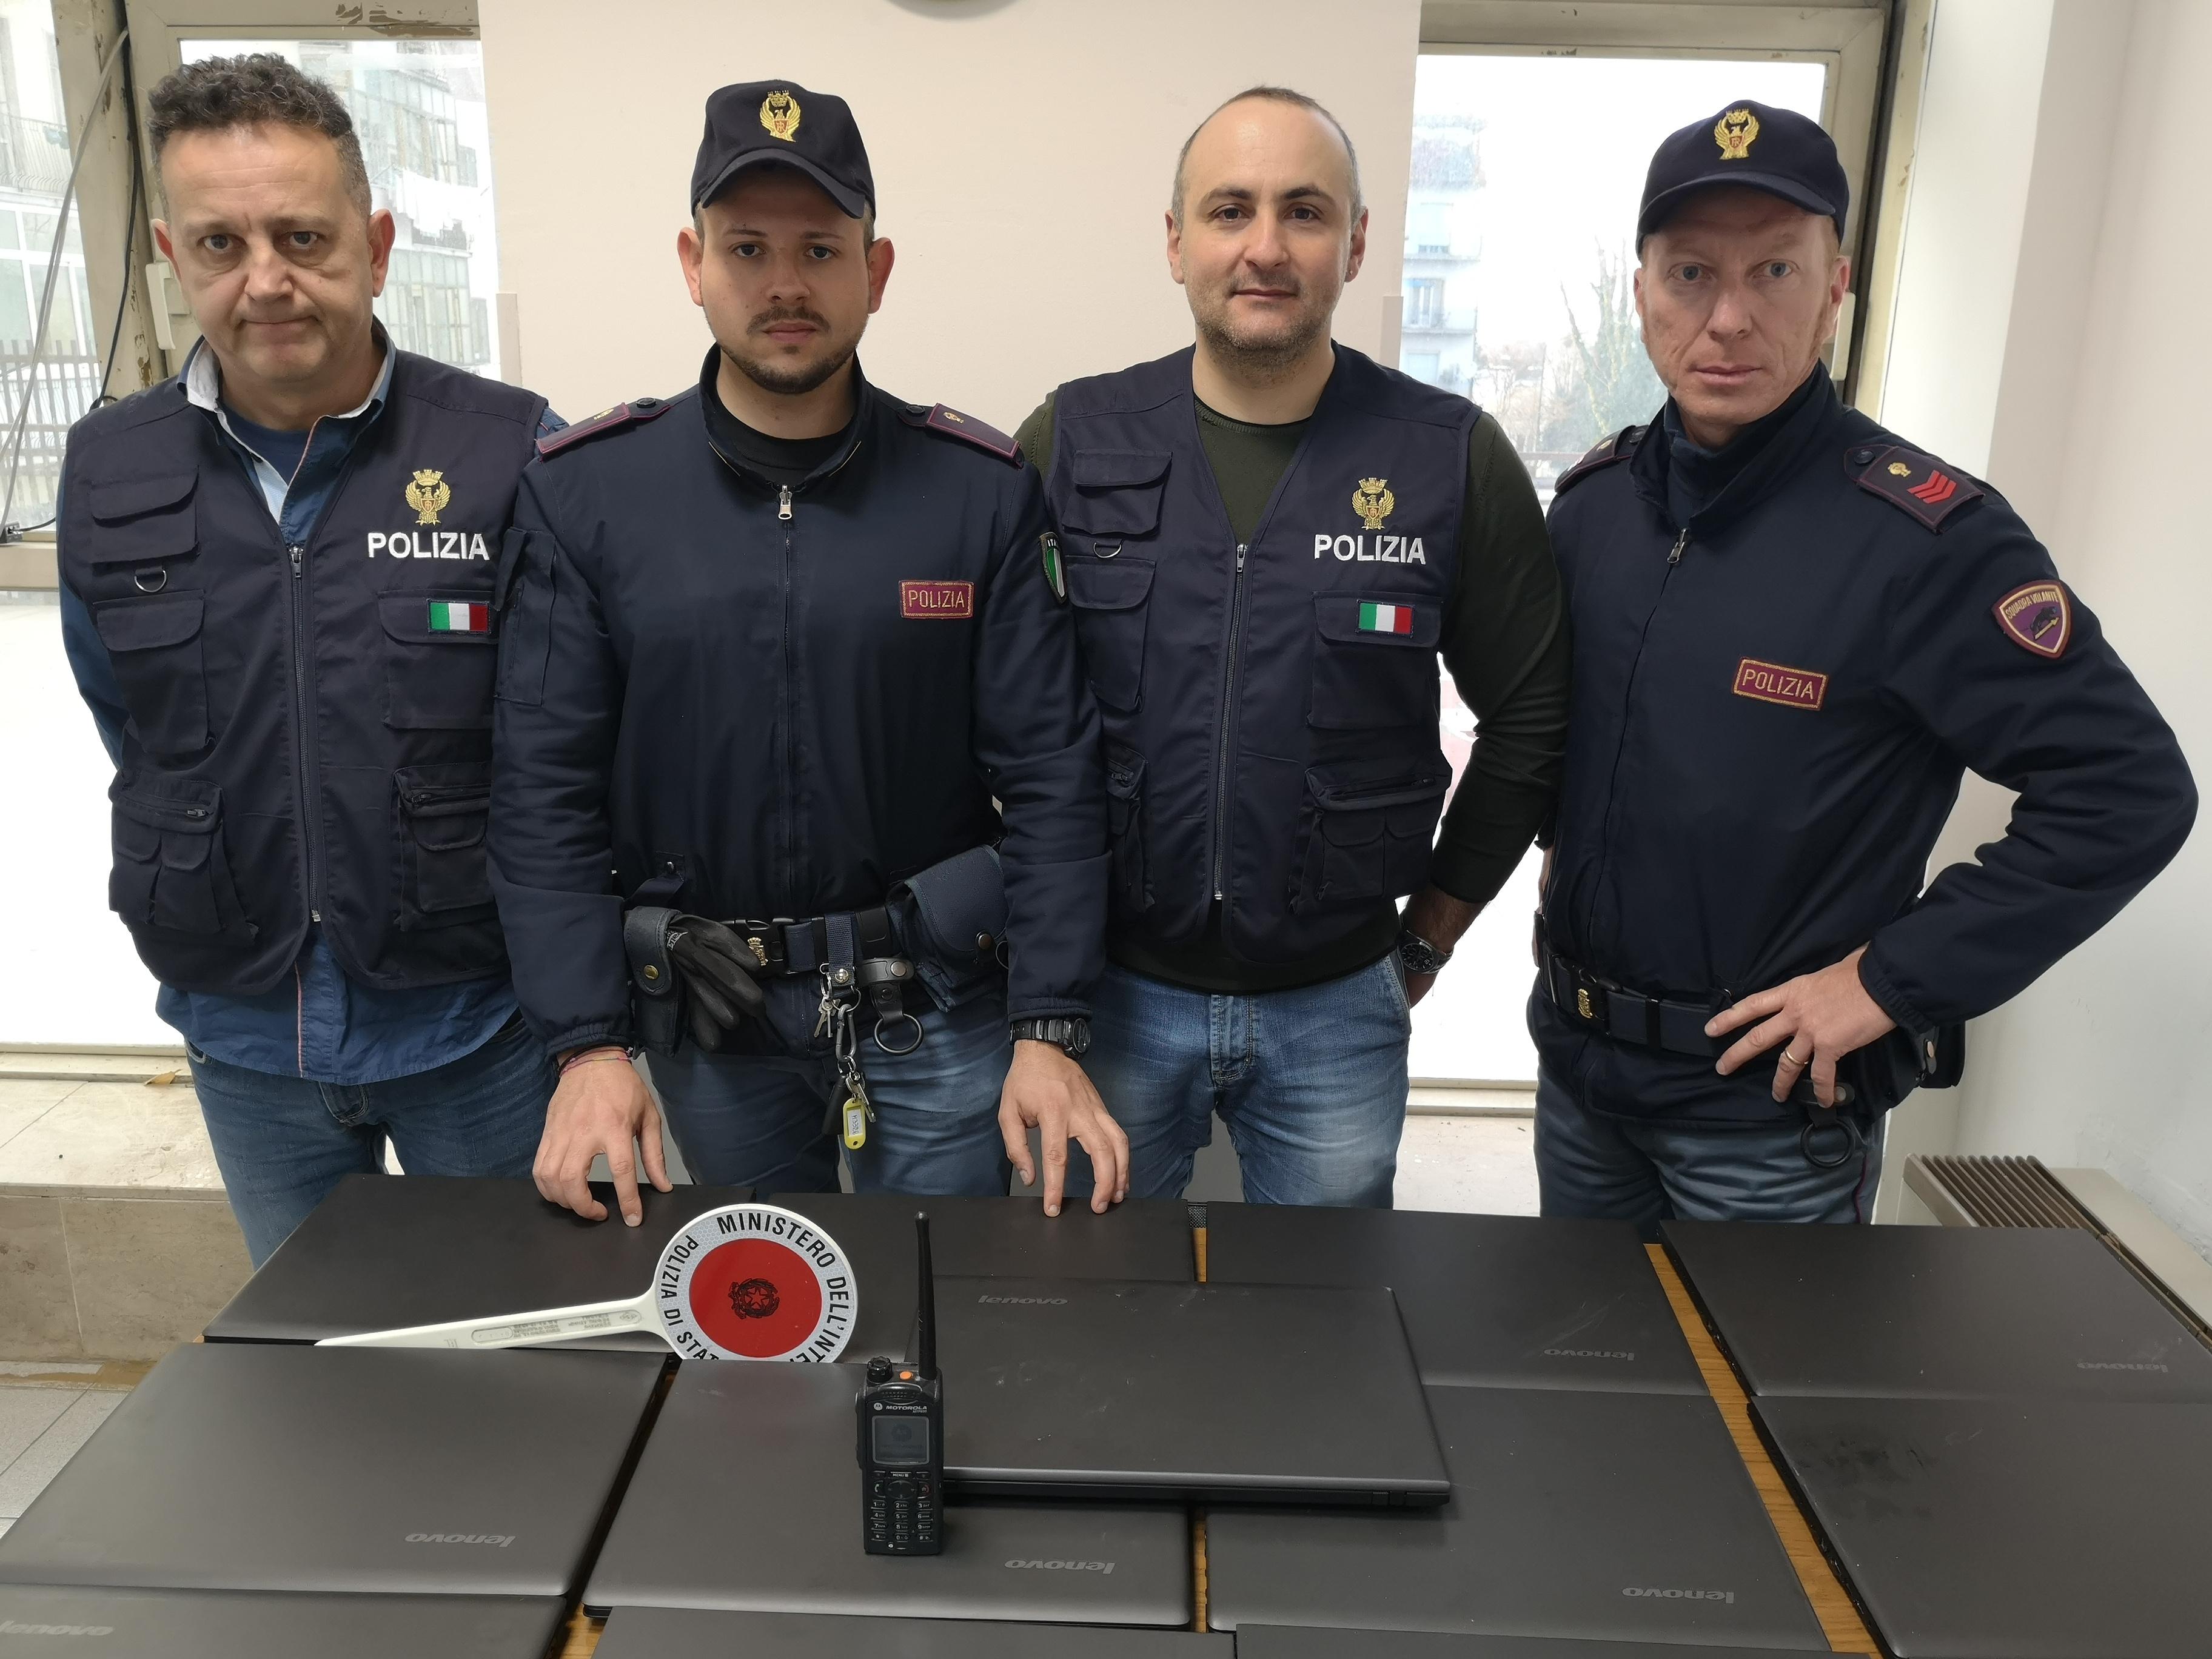 Recuperati e restituiti i 13 computer rubati all'Istituto Alberghiero di Benevento